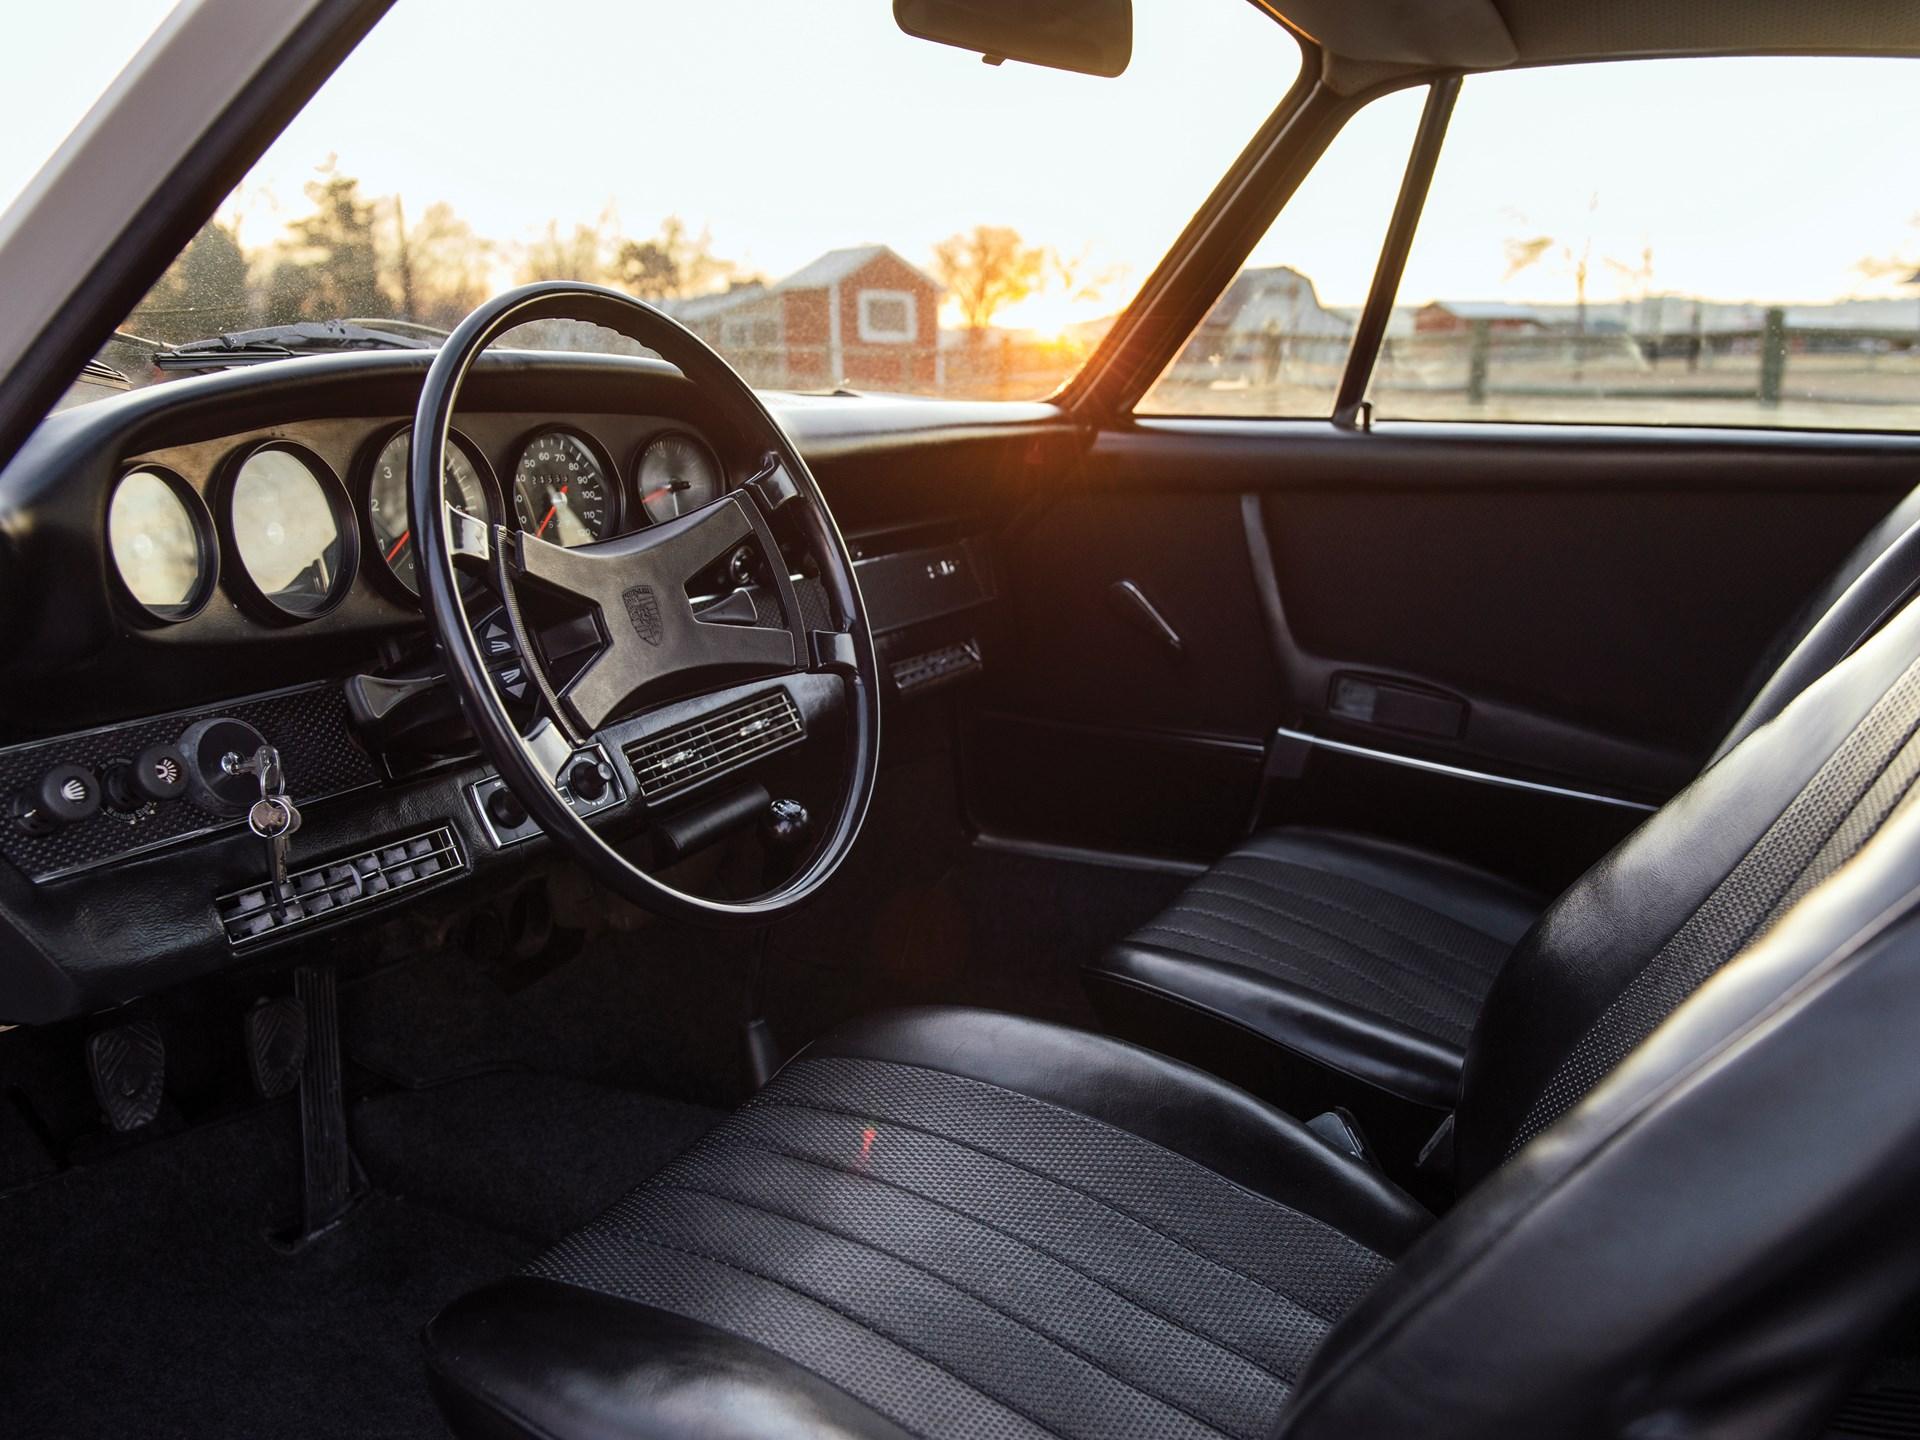 1969 Porsche 912 interior driver